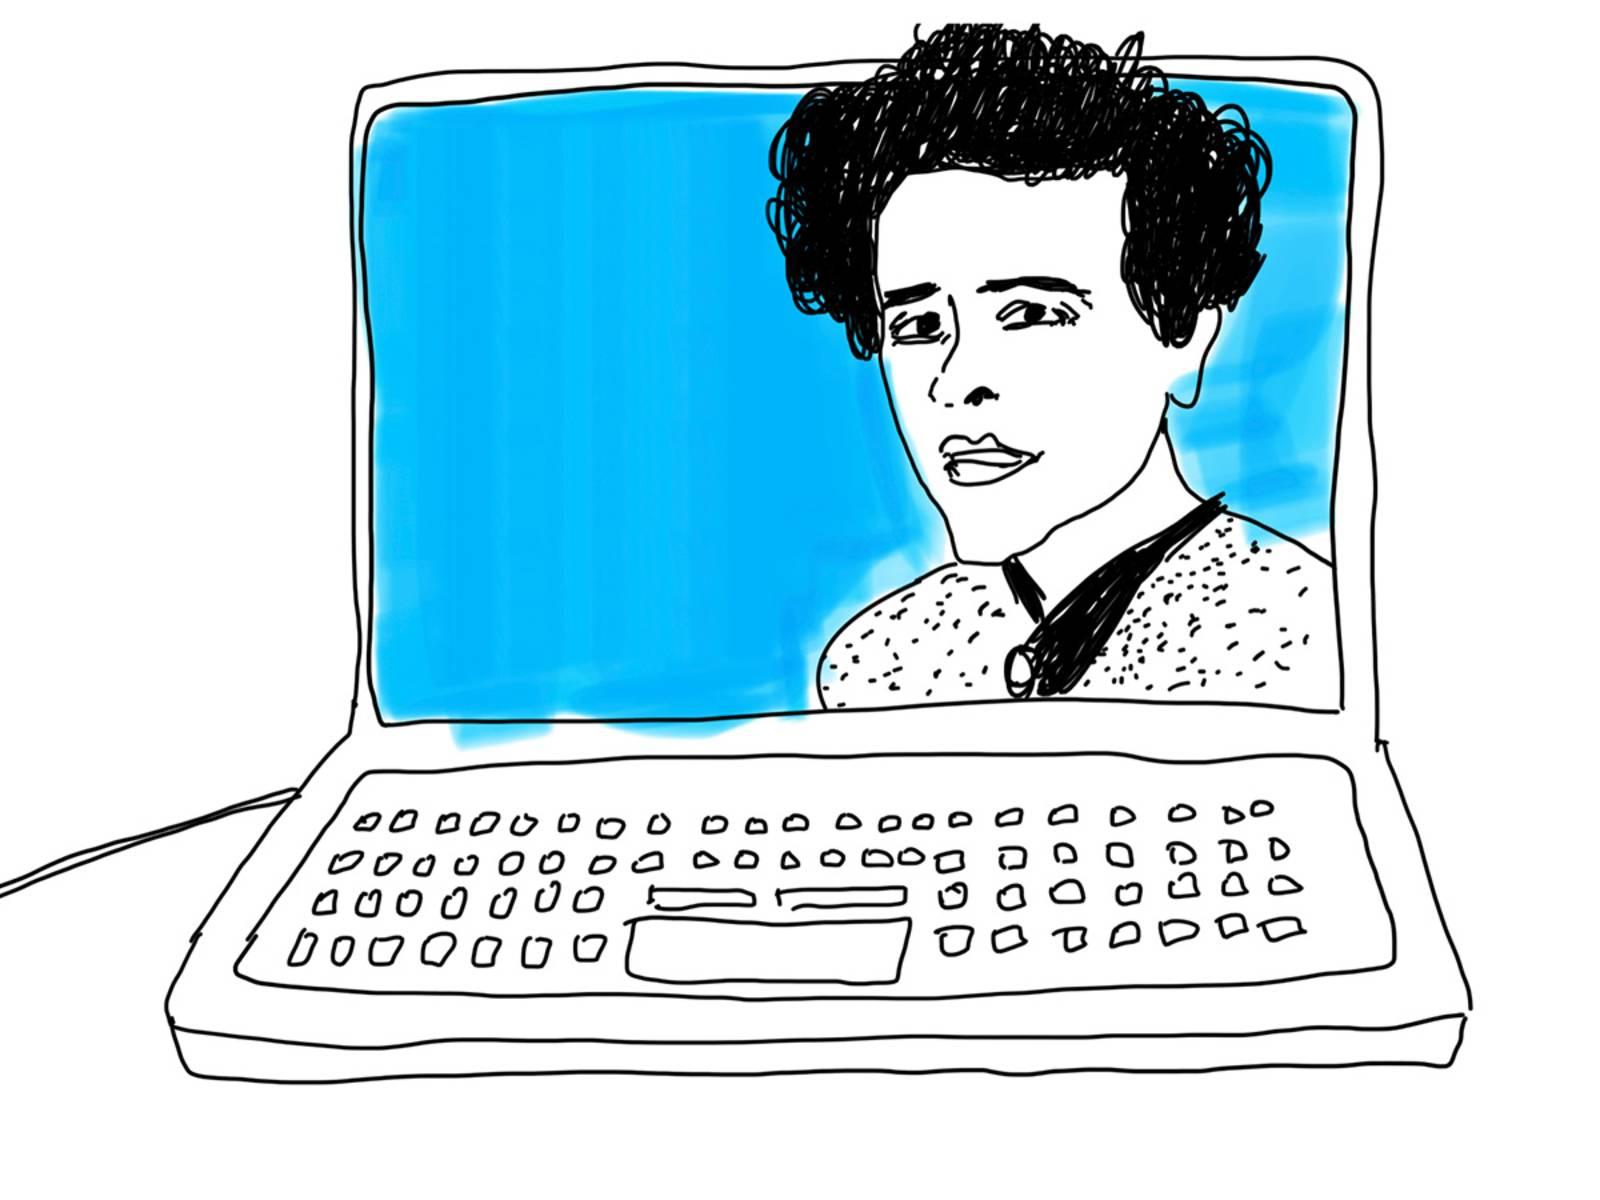 Eine Zeichnung, die ein Porträt Hannah Arendts auf einem Laptop-Bildschirm zeigt